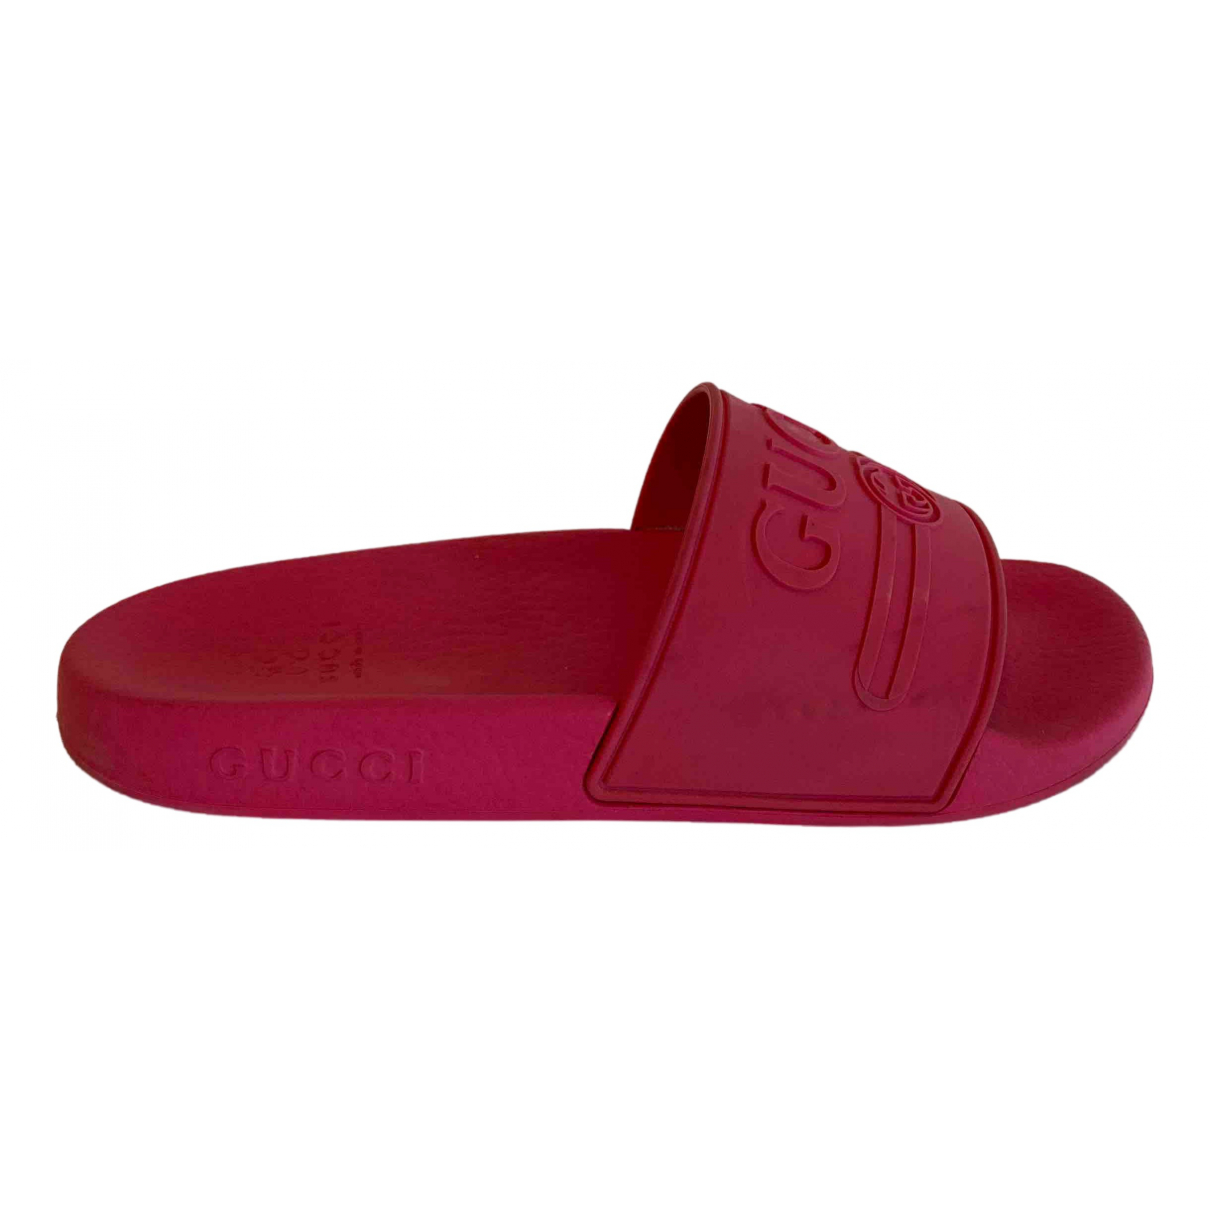 Gucci - Sandales   pour enfant en caoutchouc - rose